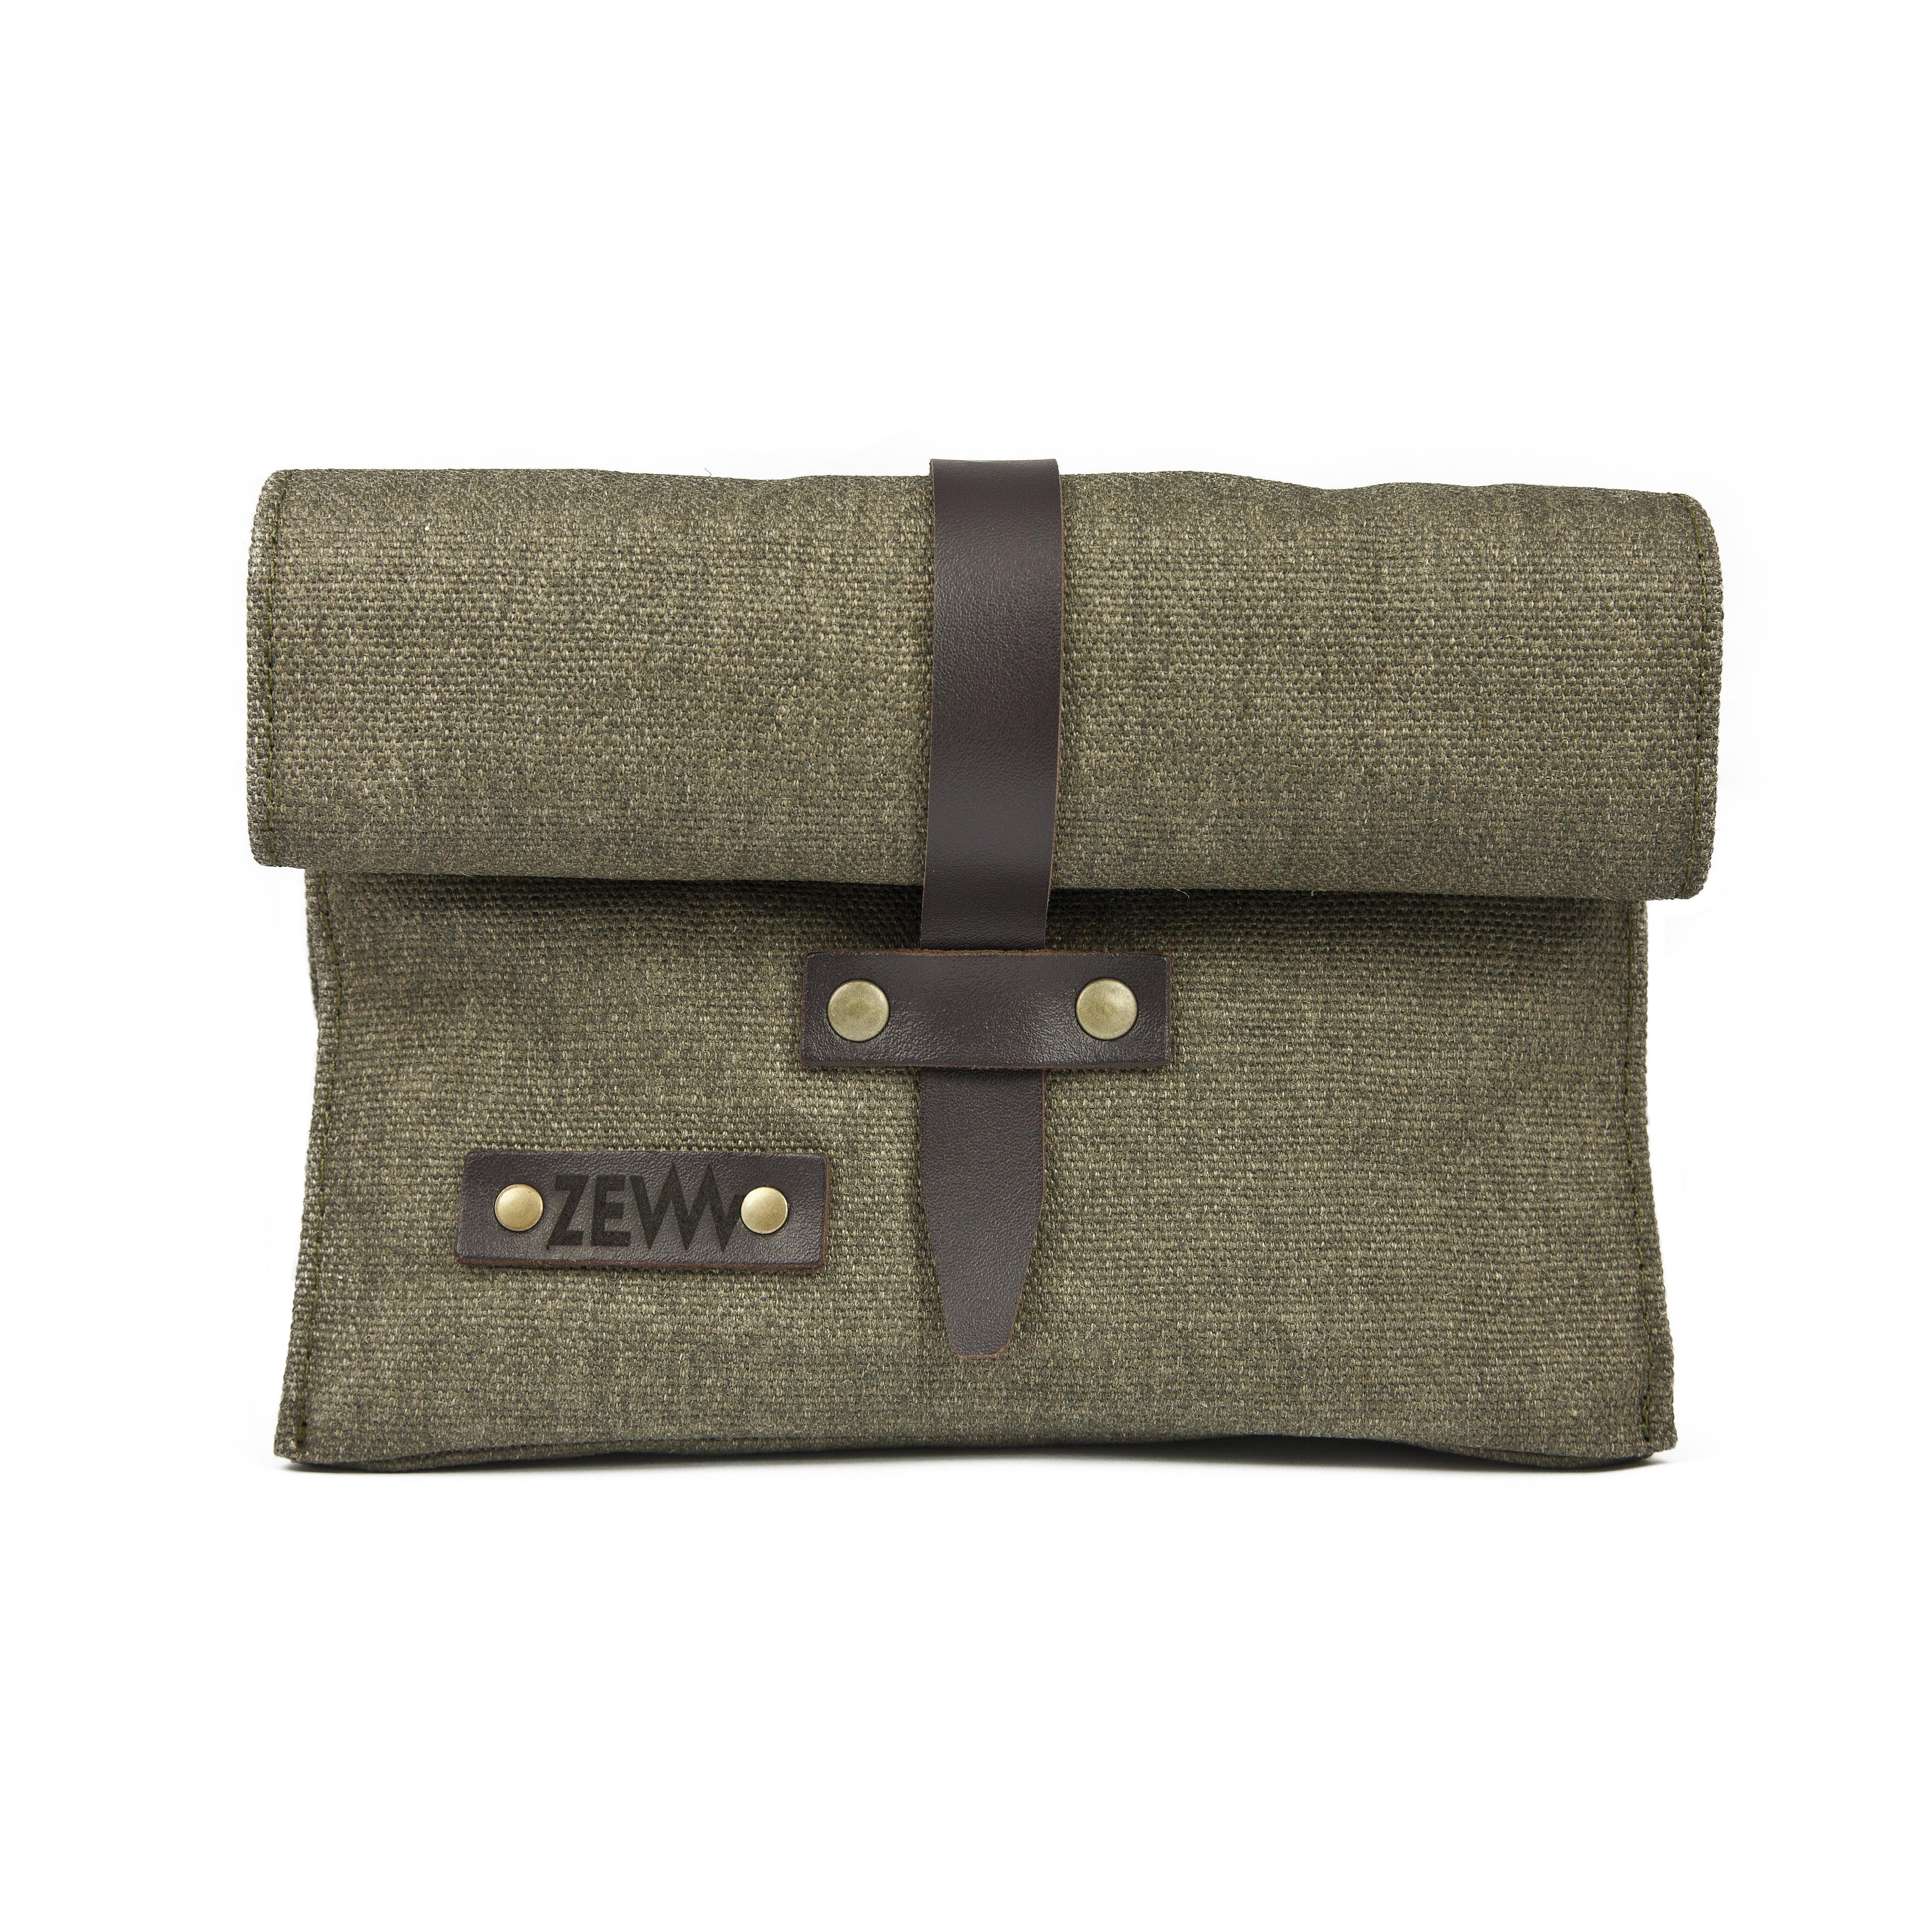 ZEW for men Cosmetic Bag - kosmetická taška